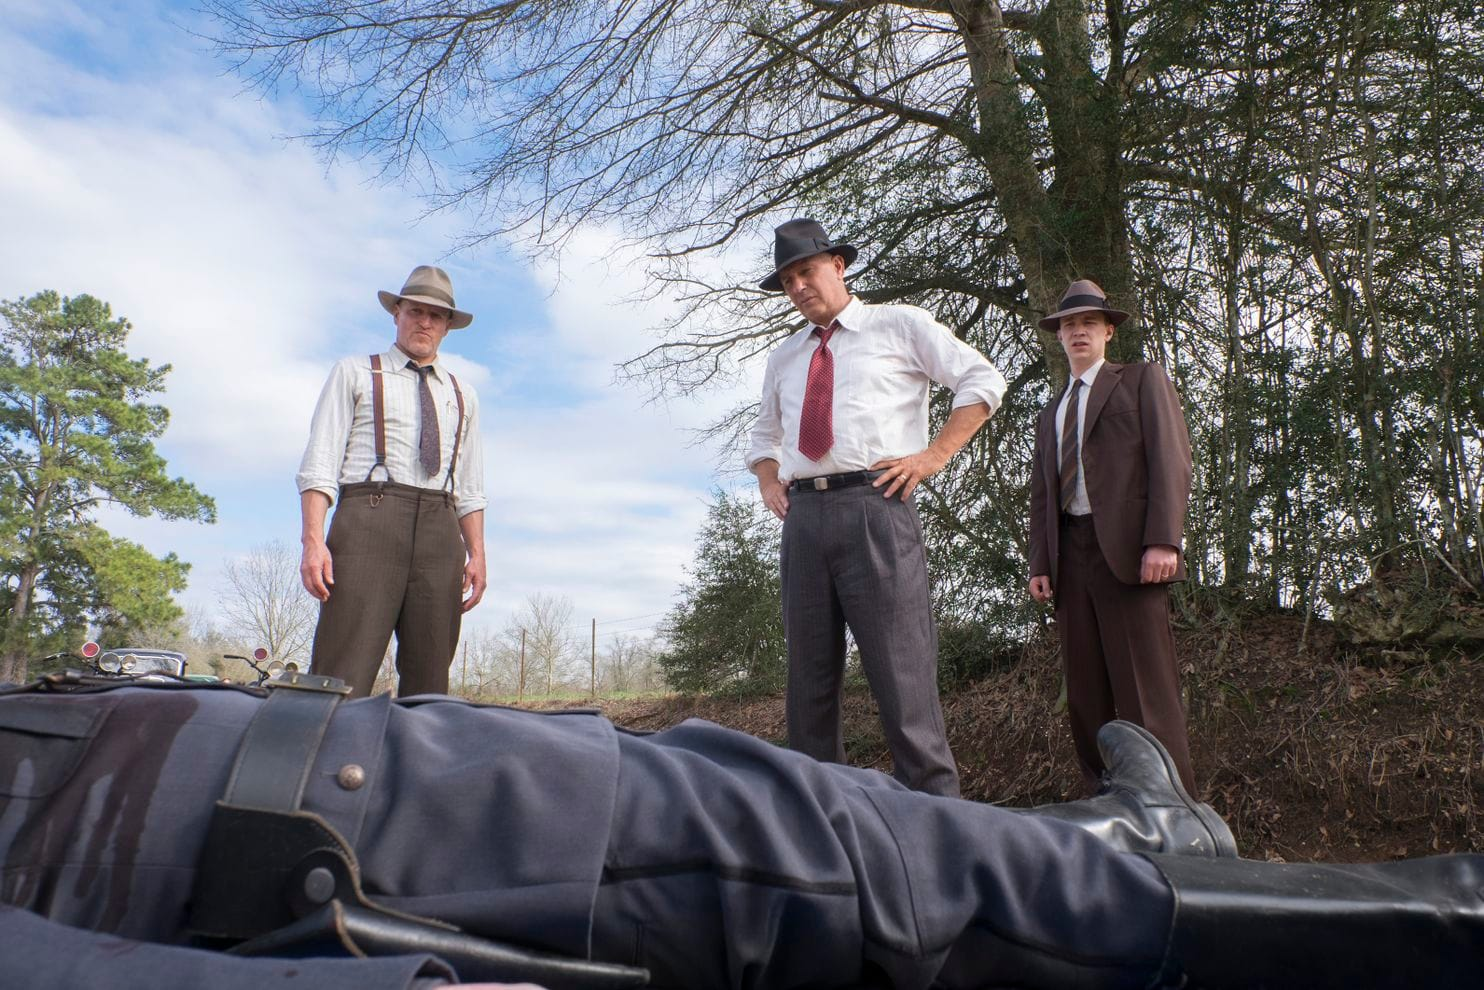 Woody Harrelson und Kevin Costner als Texas Ranger stehen auf der Leiche eines Polizisten auf einer Straße.